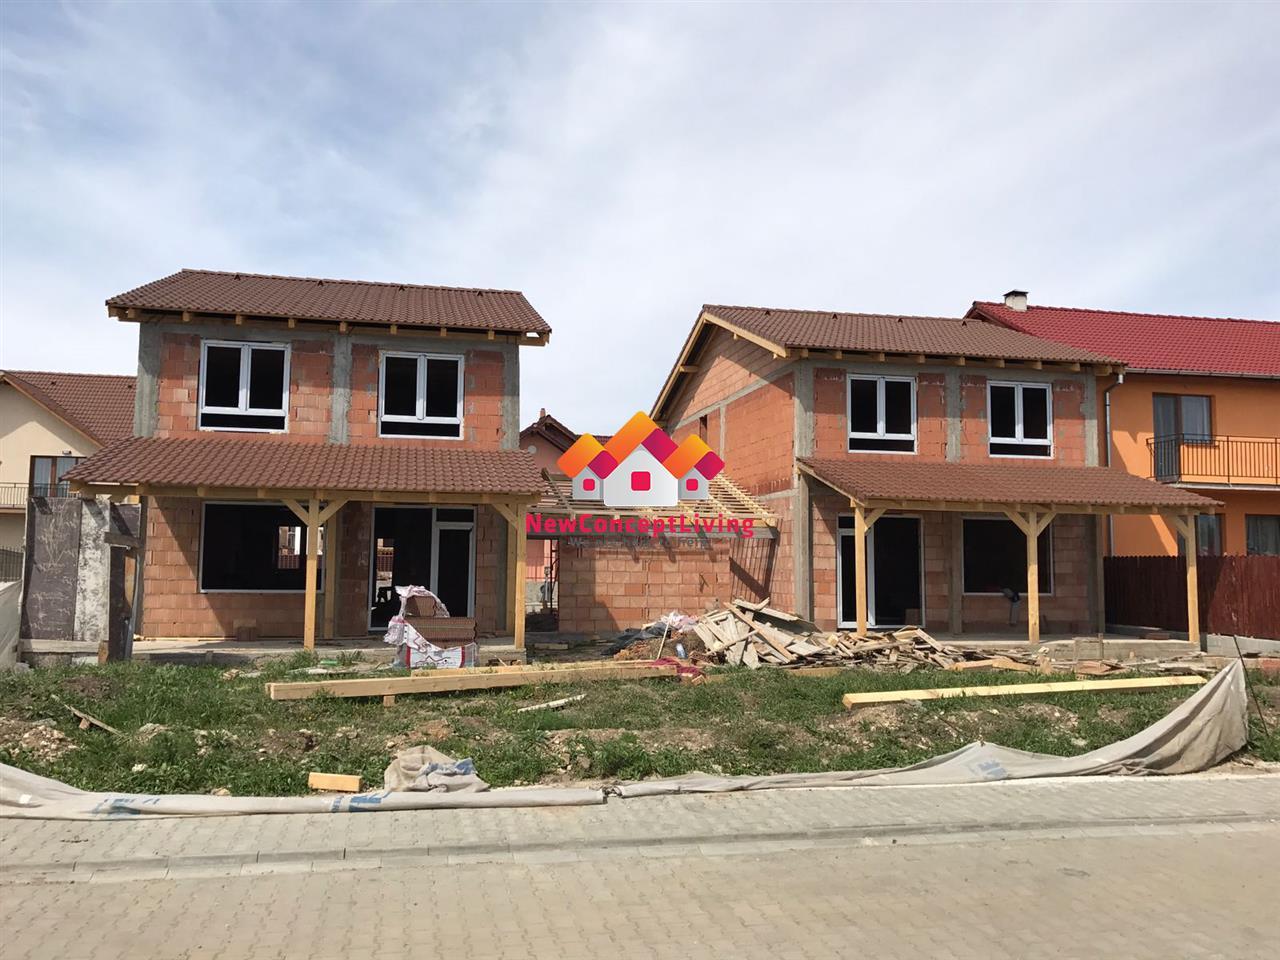 Casa Single de vanzare in Sibiu-Selimbar, strada asfaltata